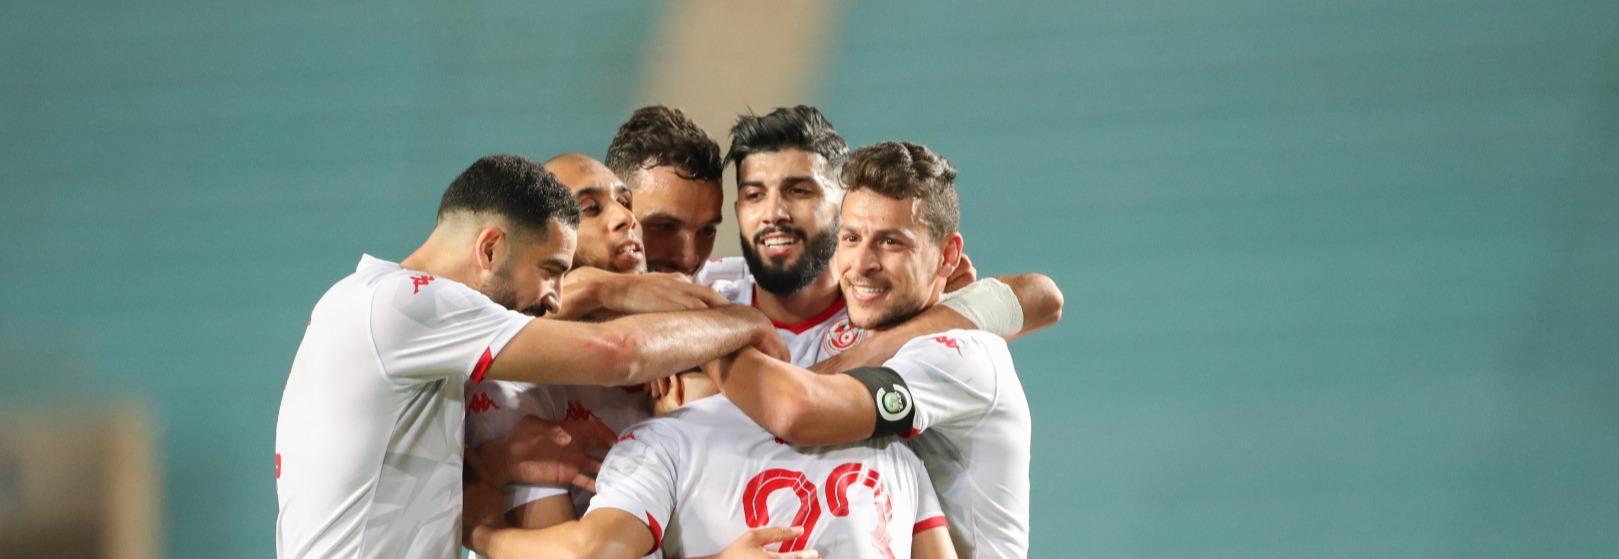 طرح تذاكر كأس العرب